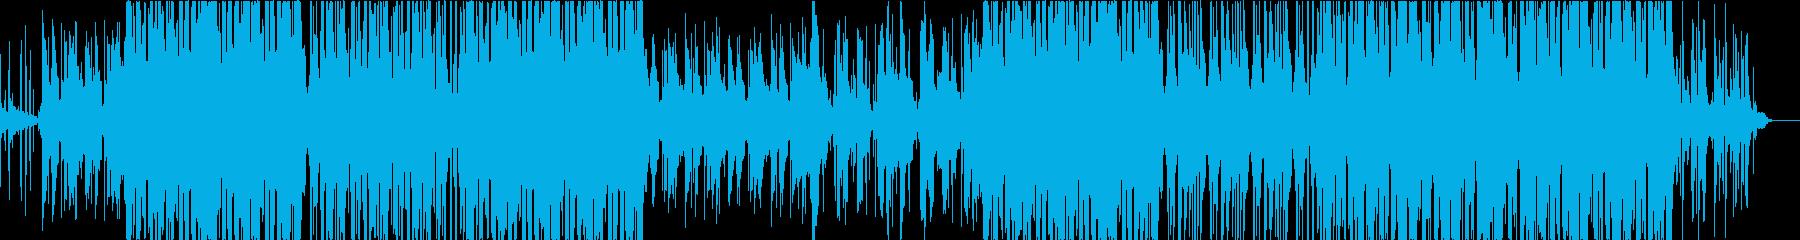 綺麗でモダンな和風BGMの再生済みの波形